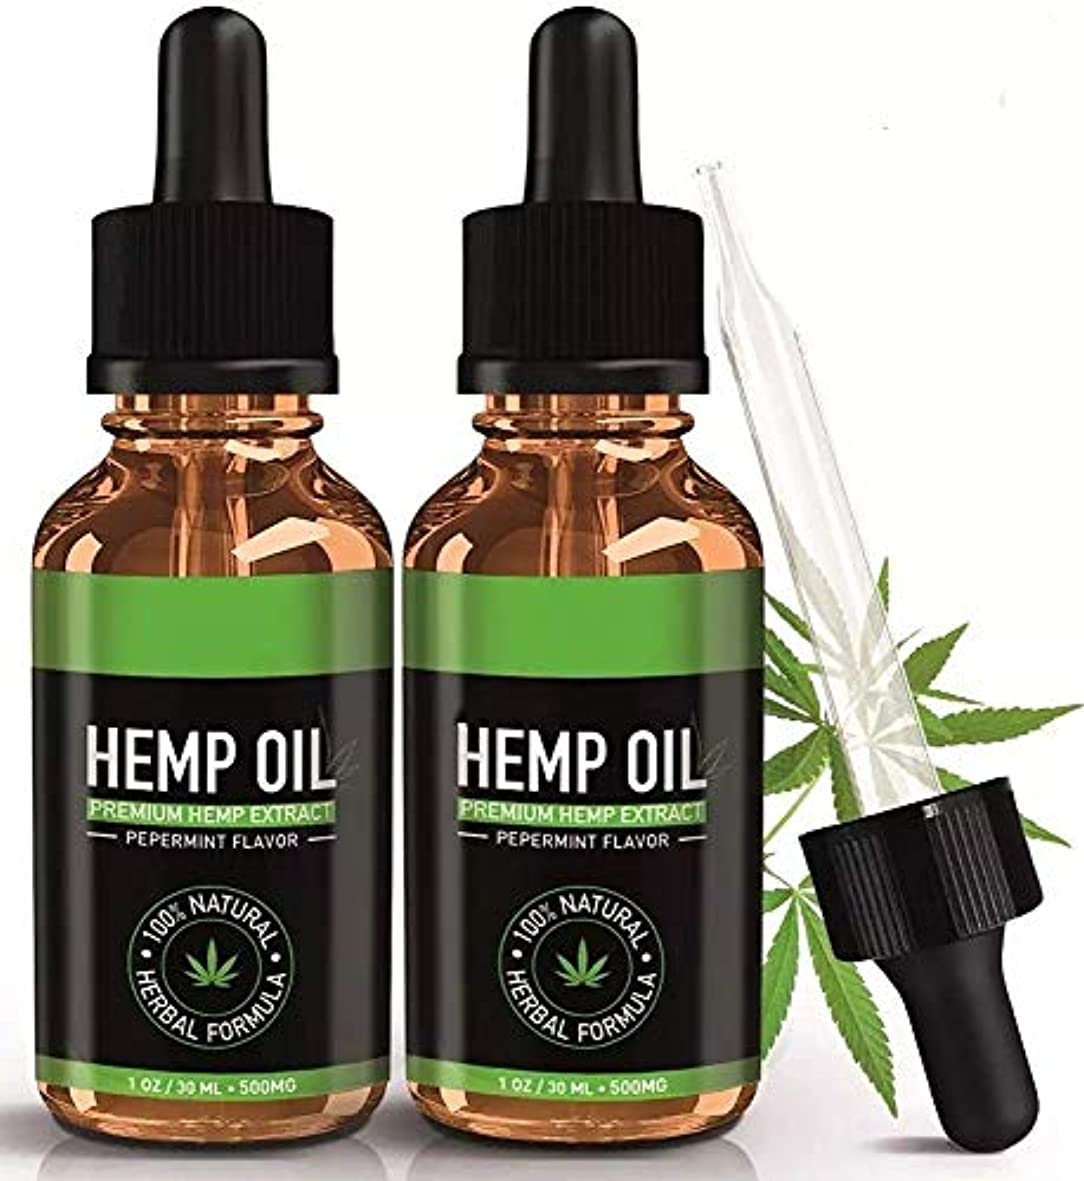 頭痛徹底的に任命するHEMP OIL FOR PAIN RELIEF ヘンプオイル PEPPERMINT FLAVOR ORGANIC